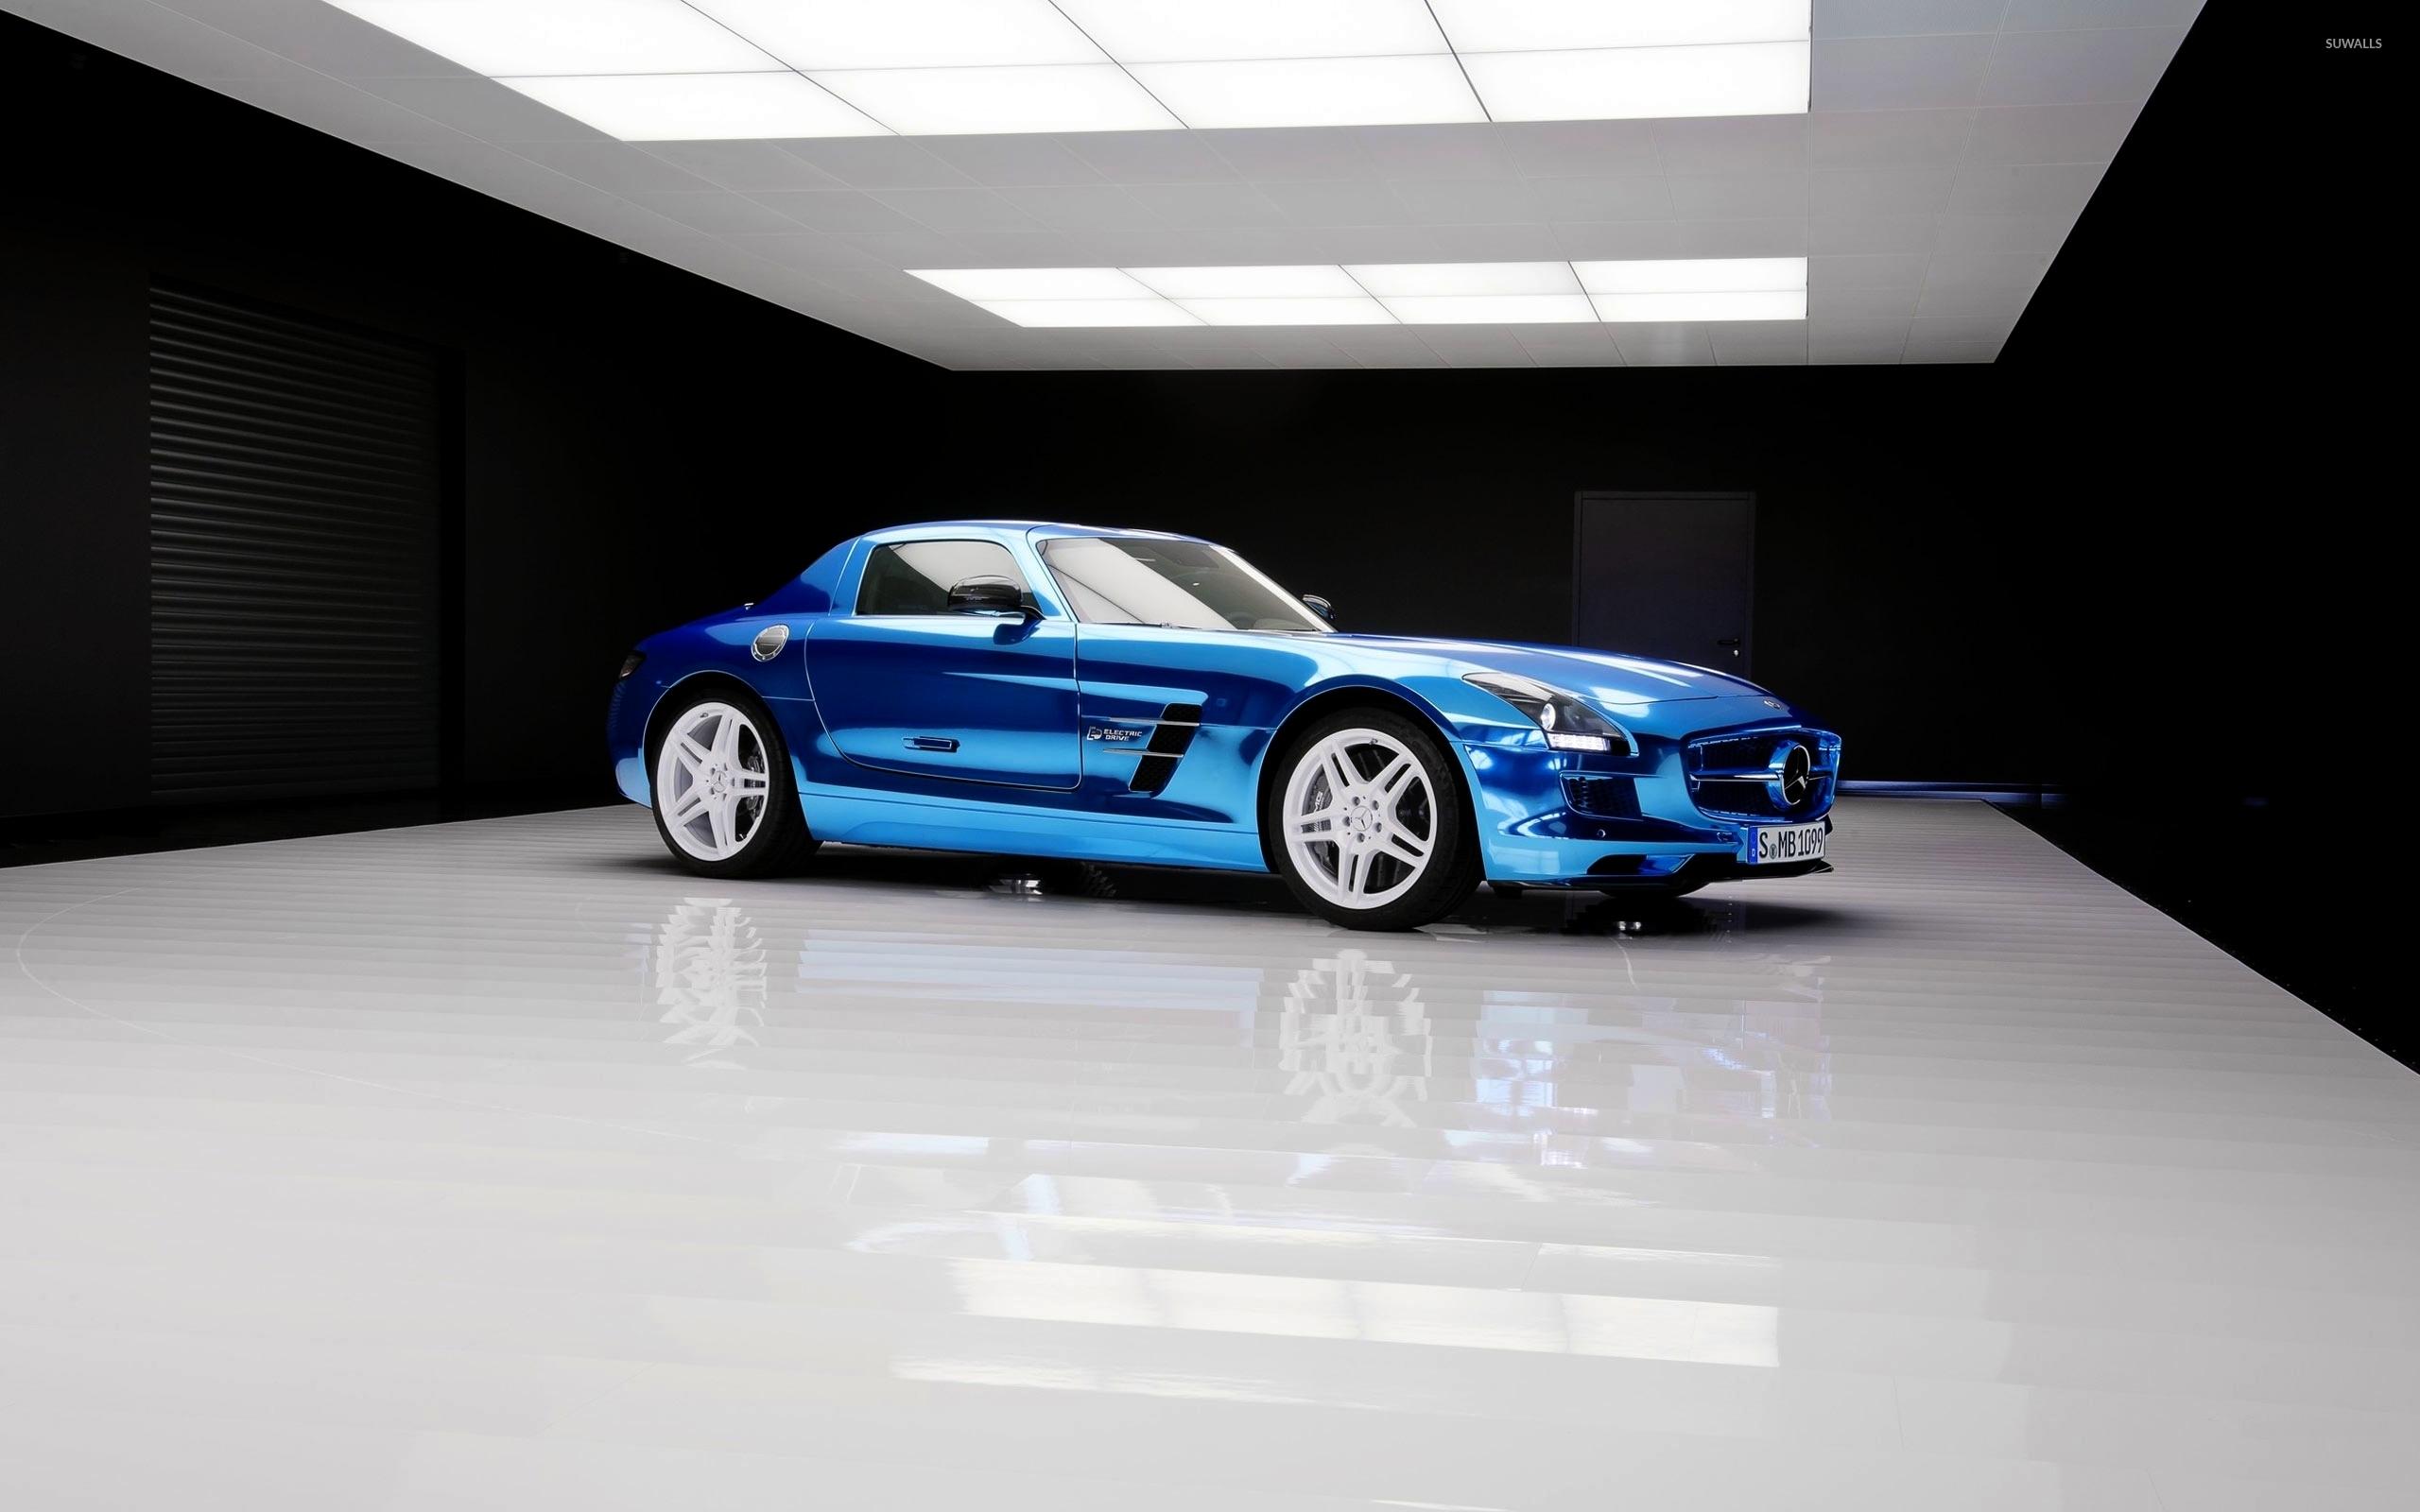 Mercedes Benz Sls Amg 14 Wallpaper Car Wallpapers 33387